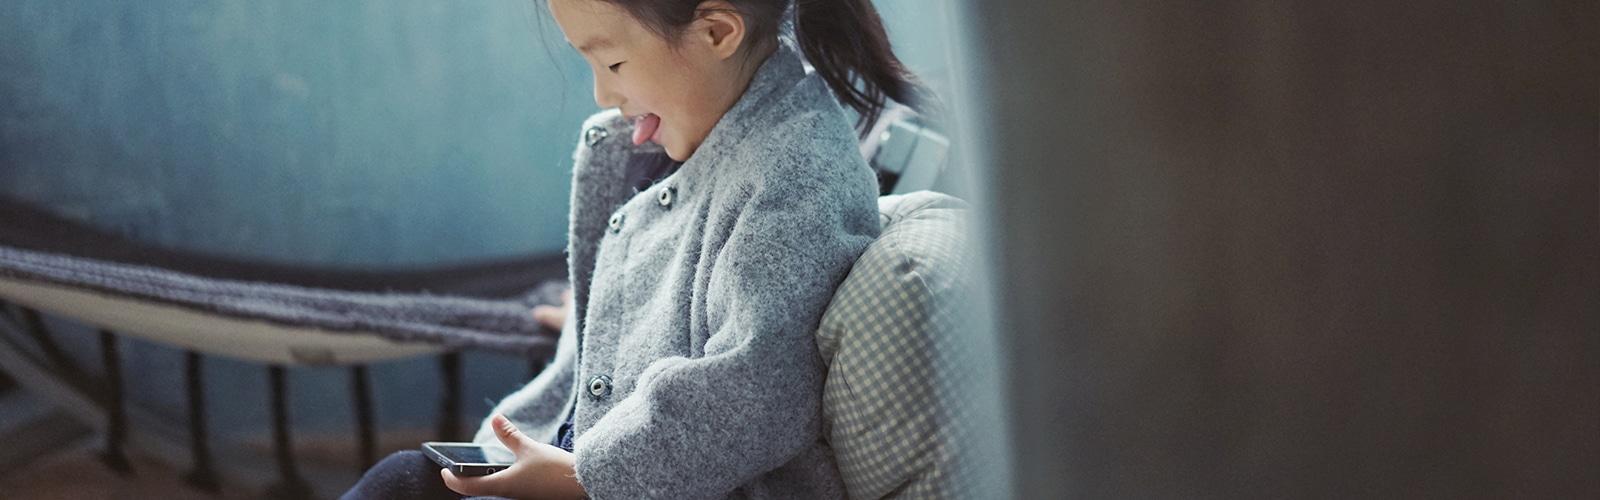 Applications ludiques pour enfants : 6 idées pour occuper leurs trajets !